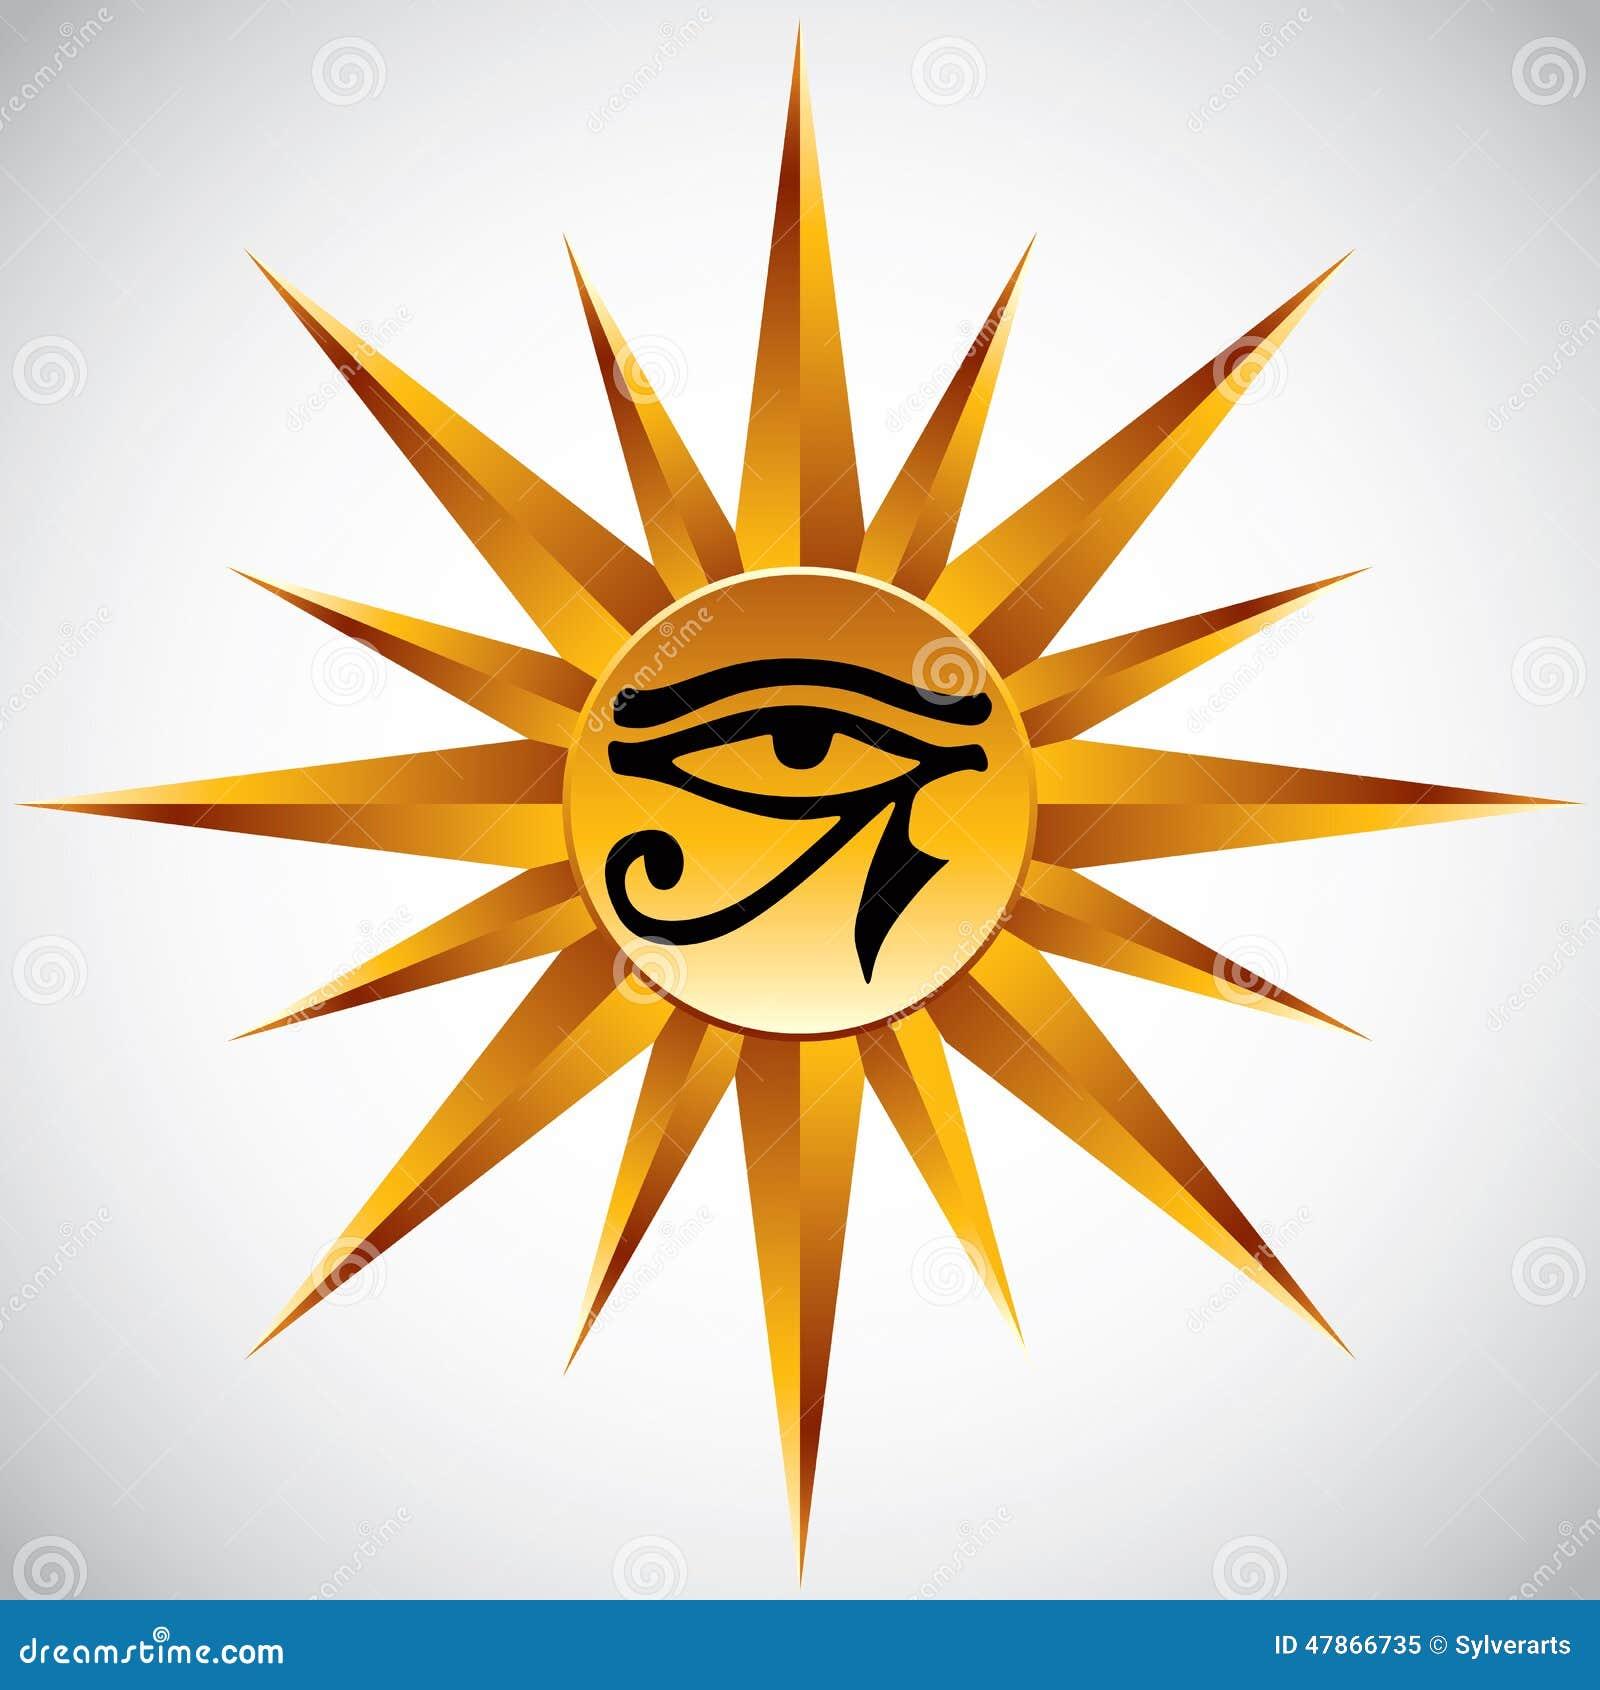 eye of horus sun